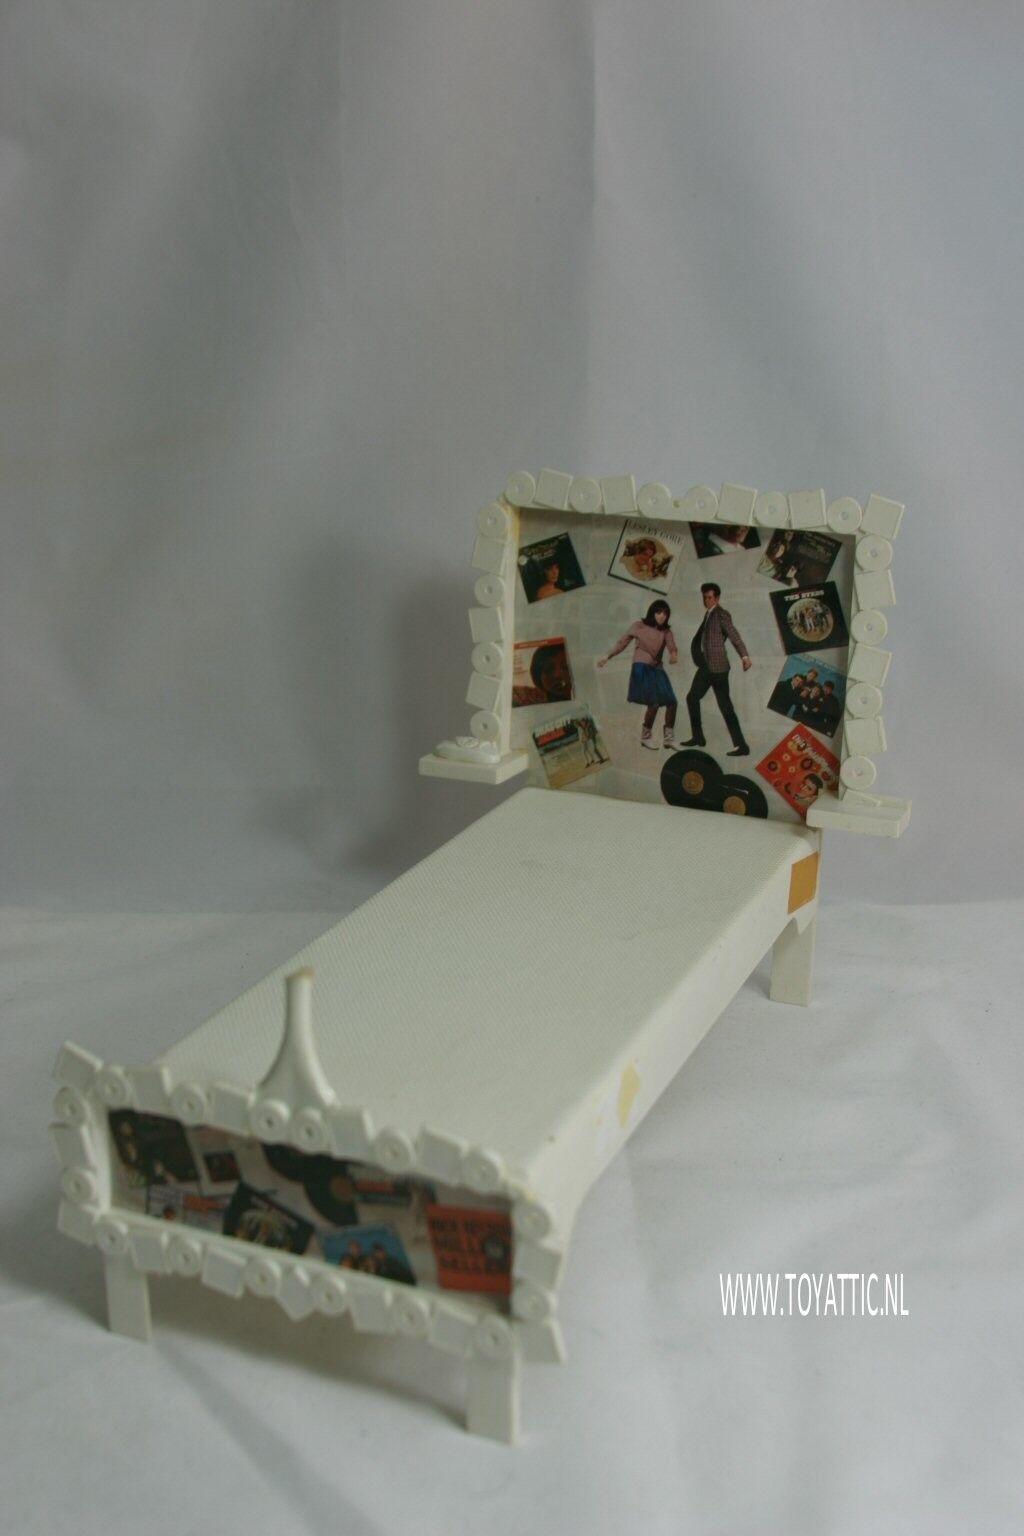 Barbie Francie Cama Mod A Go-Go hecha por Suzy ganso en 1966 difícil de encontrar